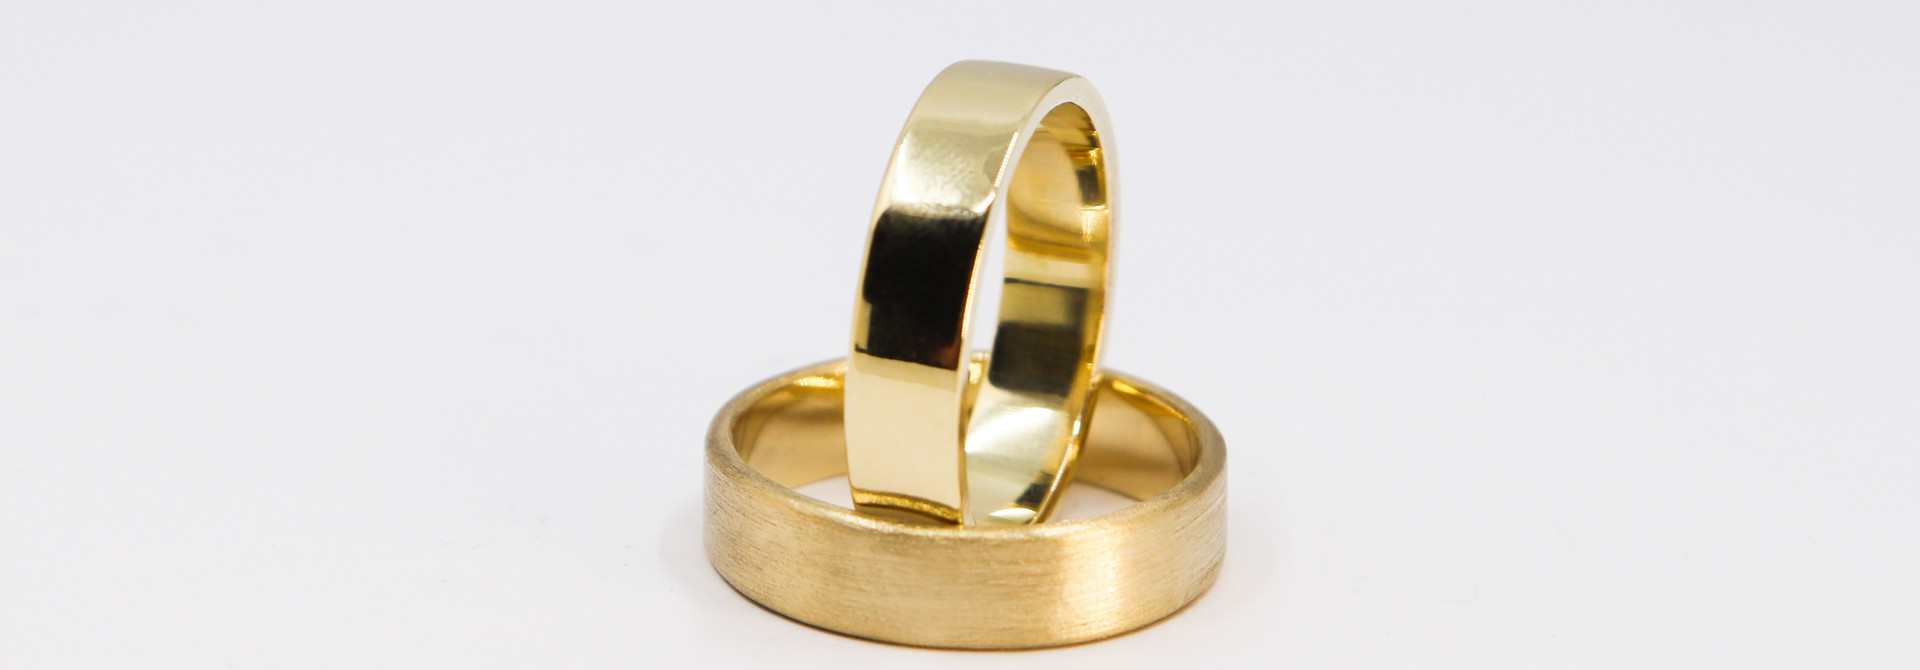 Ring FLAT, goud